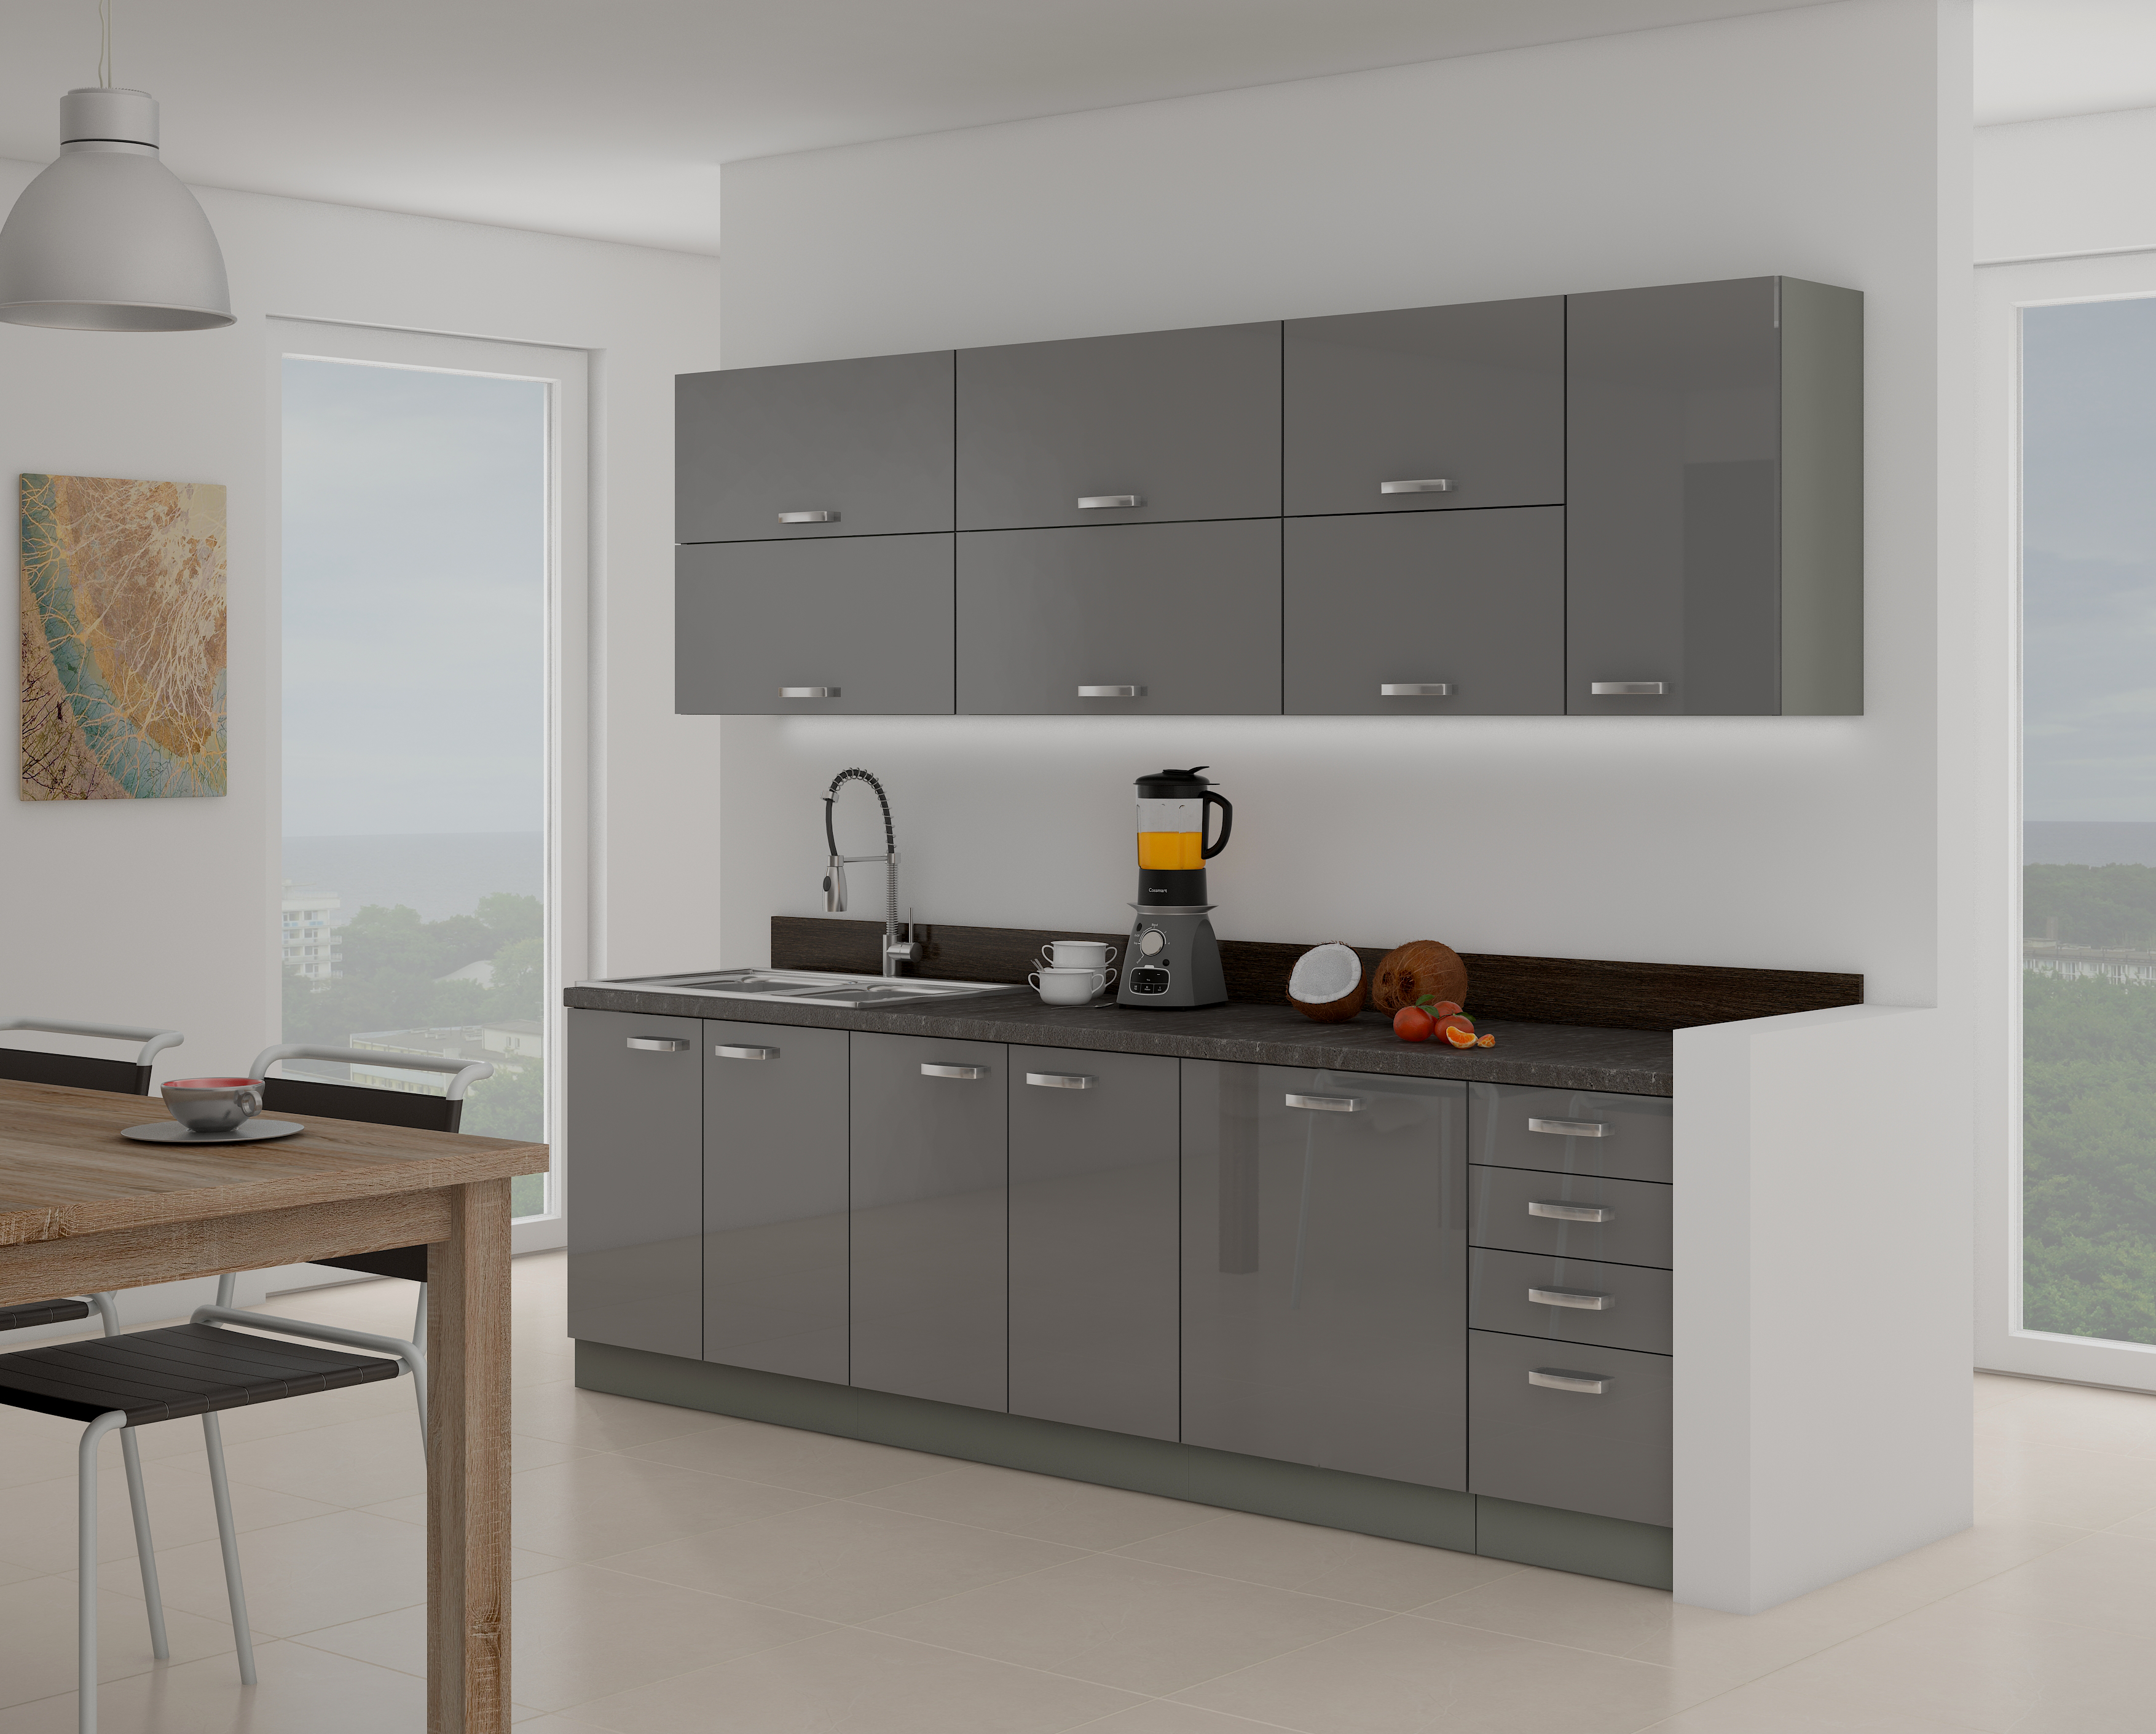 Kuchyně - Gonir 260 cm (šedá)